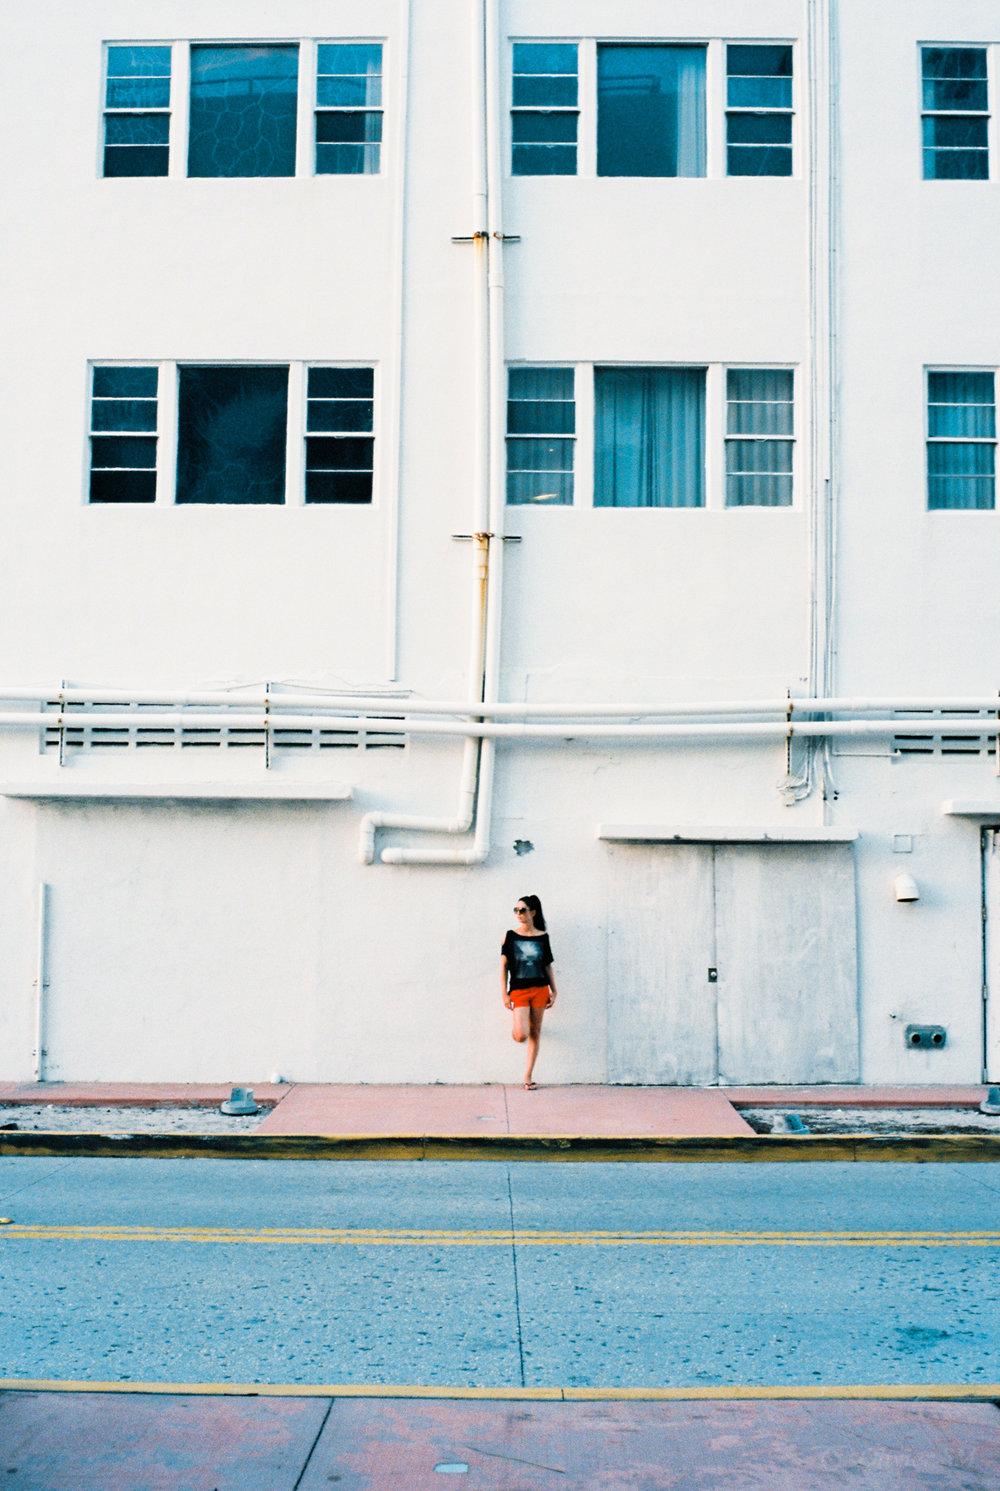 Across the street | Miami, USA |Voigtländer Bessa R3M | Voigtländer 35mm f/1.4 Nokton Classic